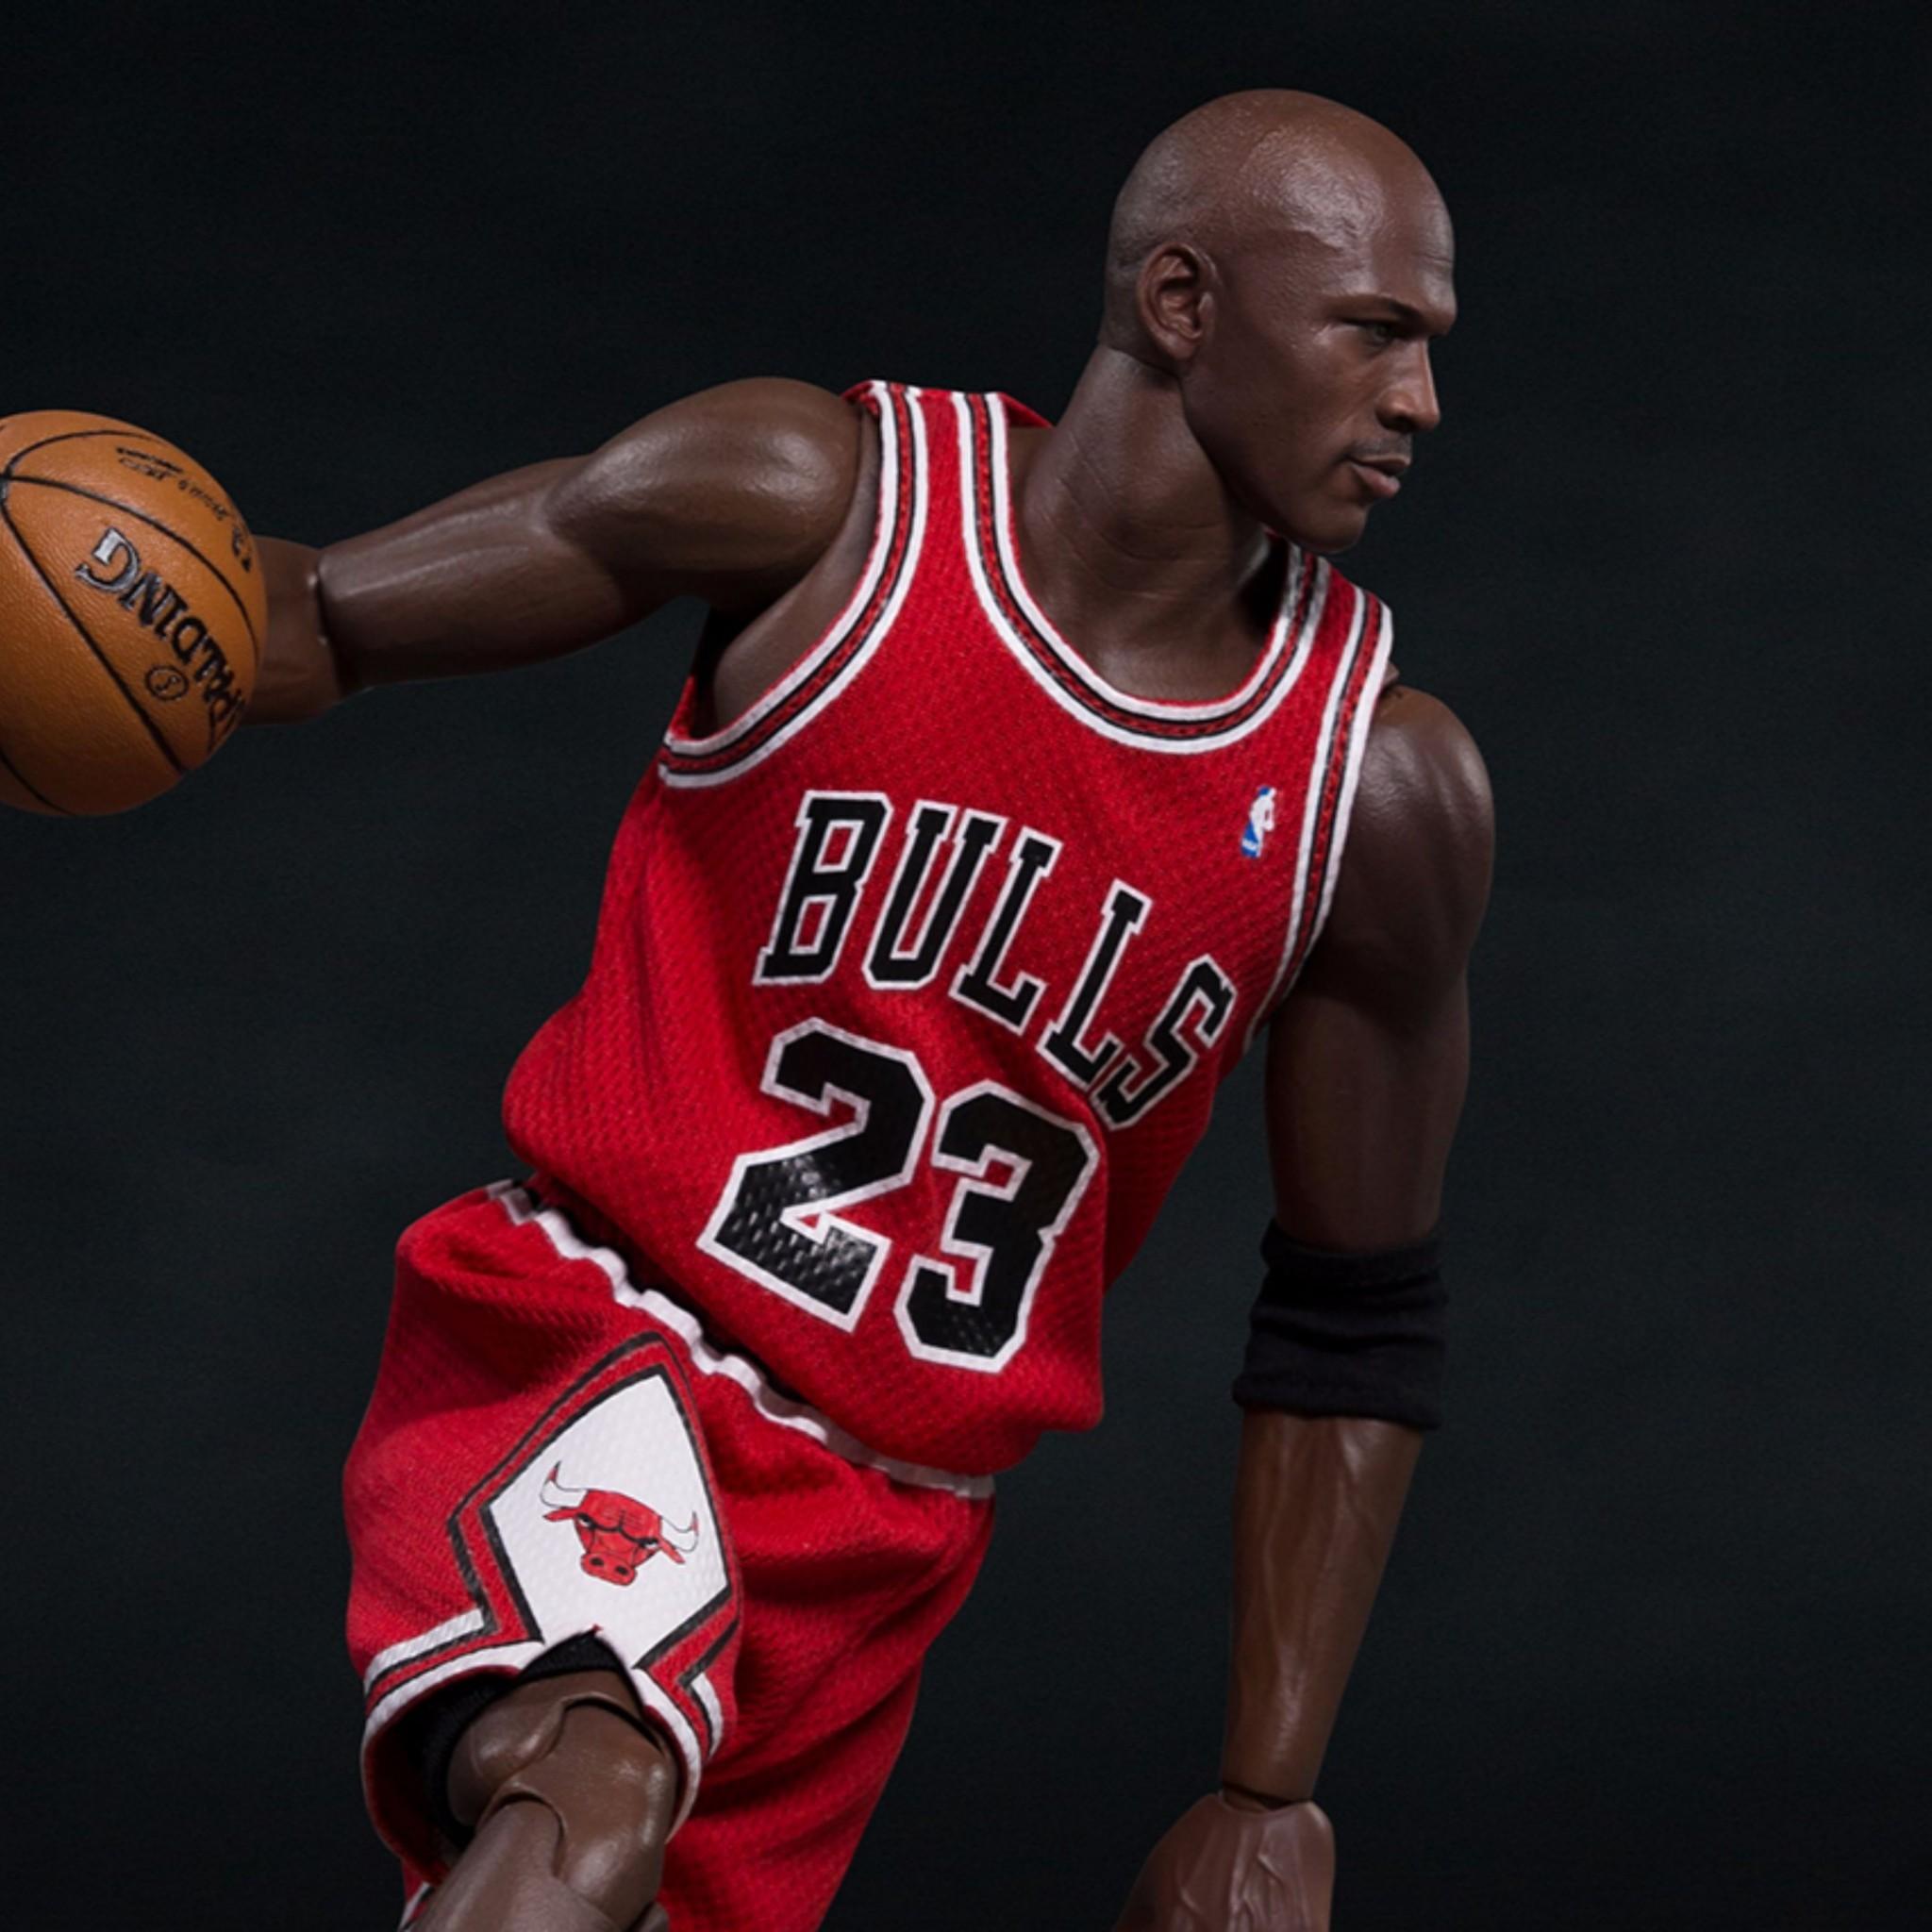 Jordan Logo 3d Wallpaper Michael Jordan Iphone 6 Wallpaper 63 Images